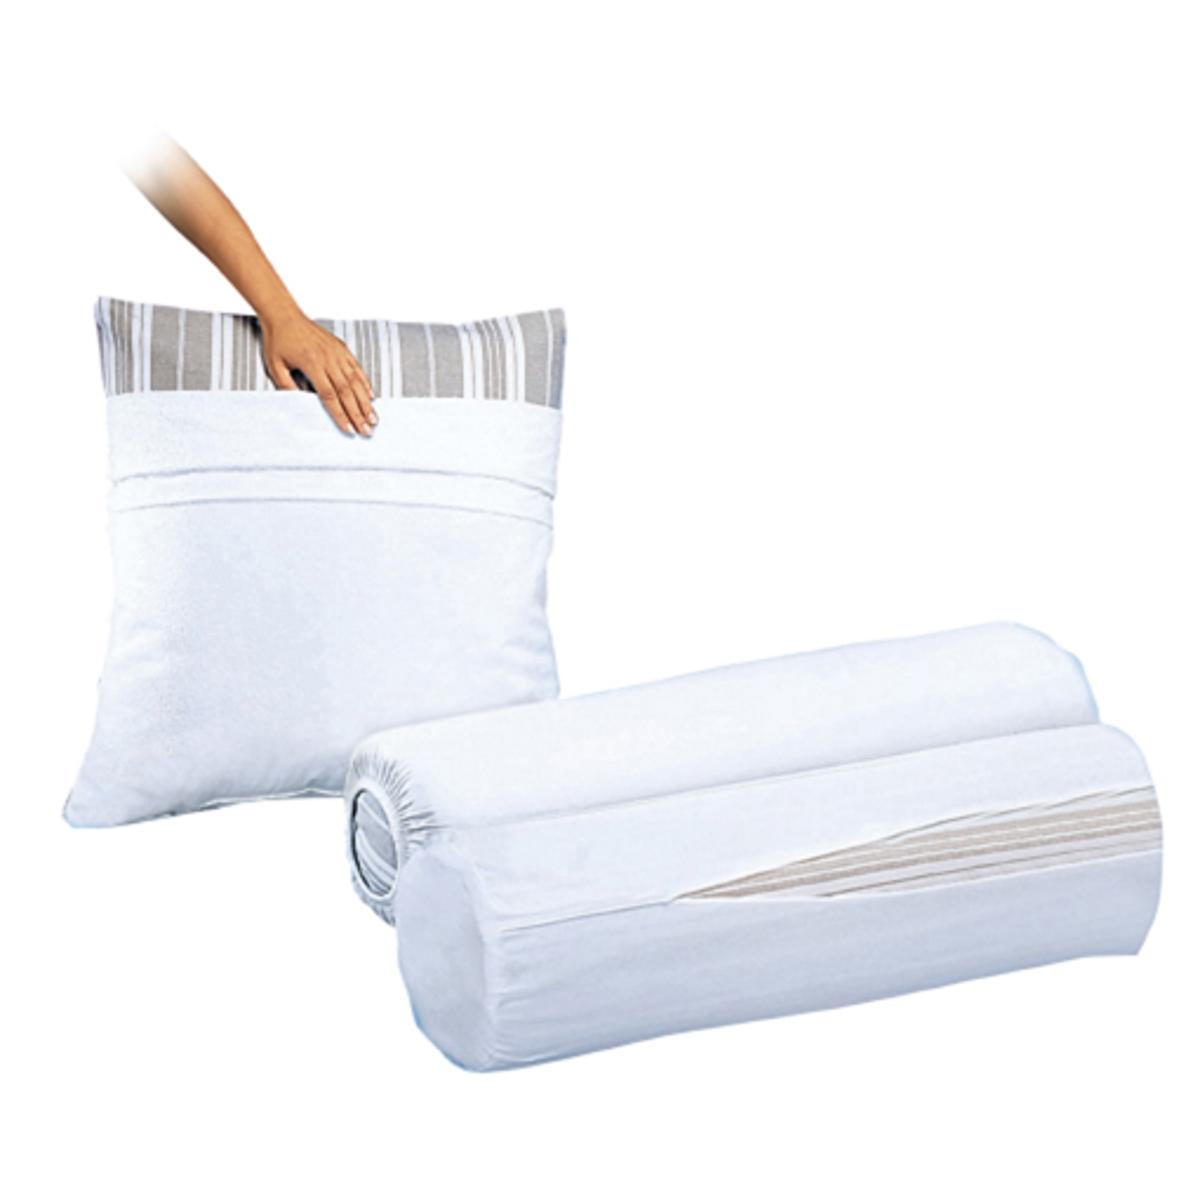 Комплект из 2 защитных чехлов на подушку-валик из джерси, 100% хлопок